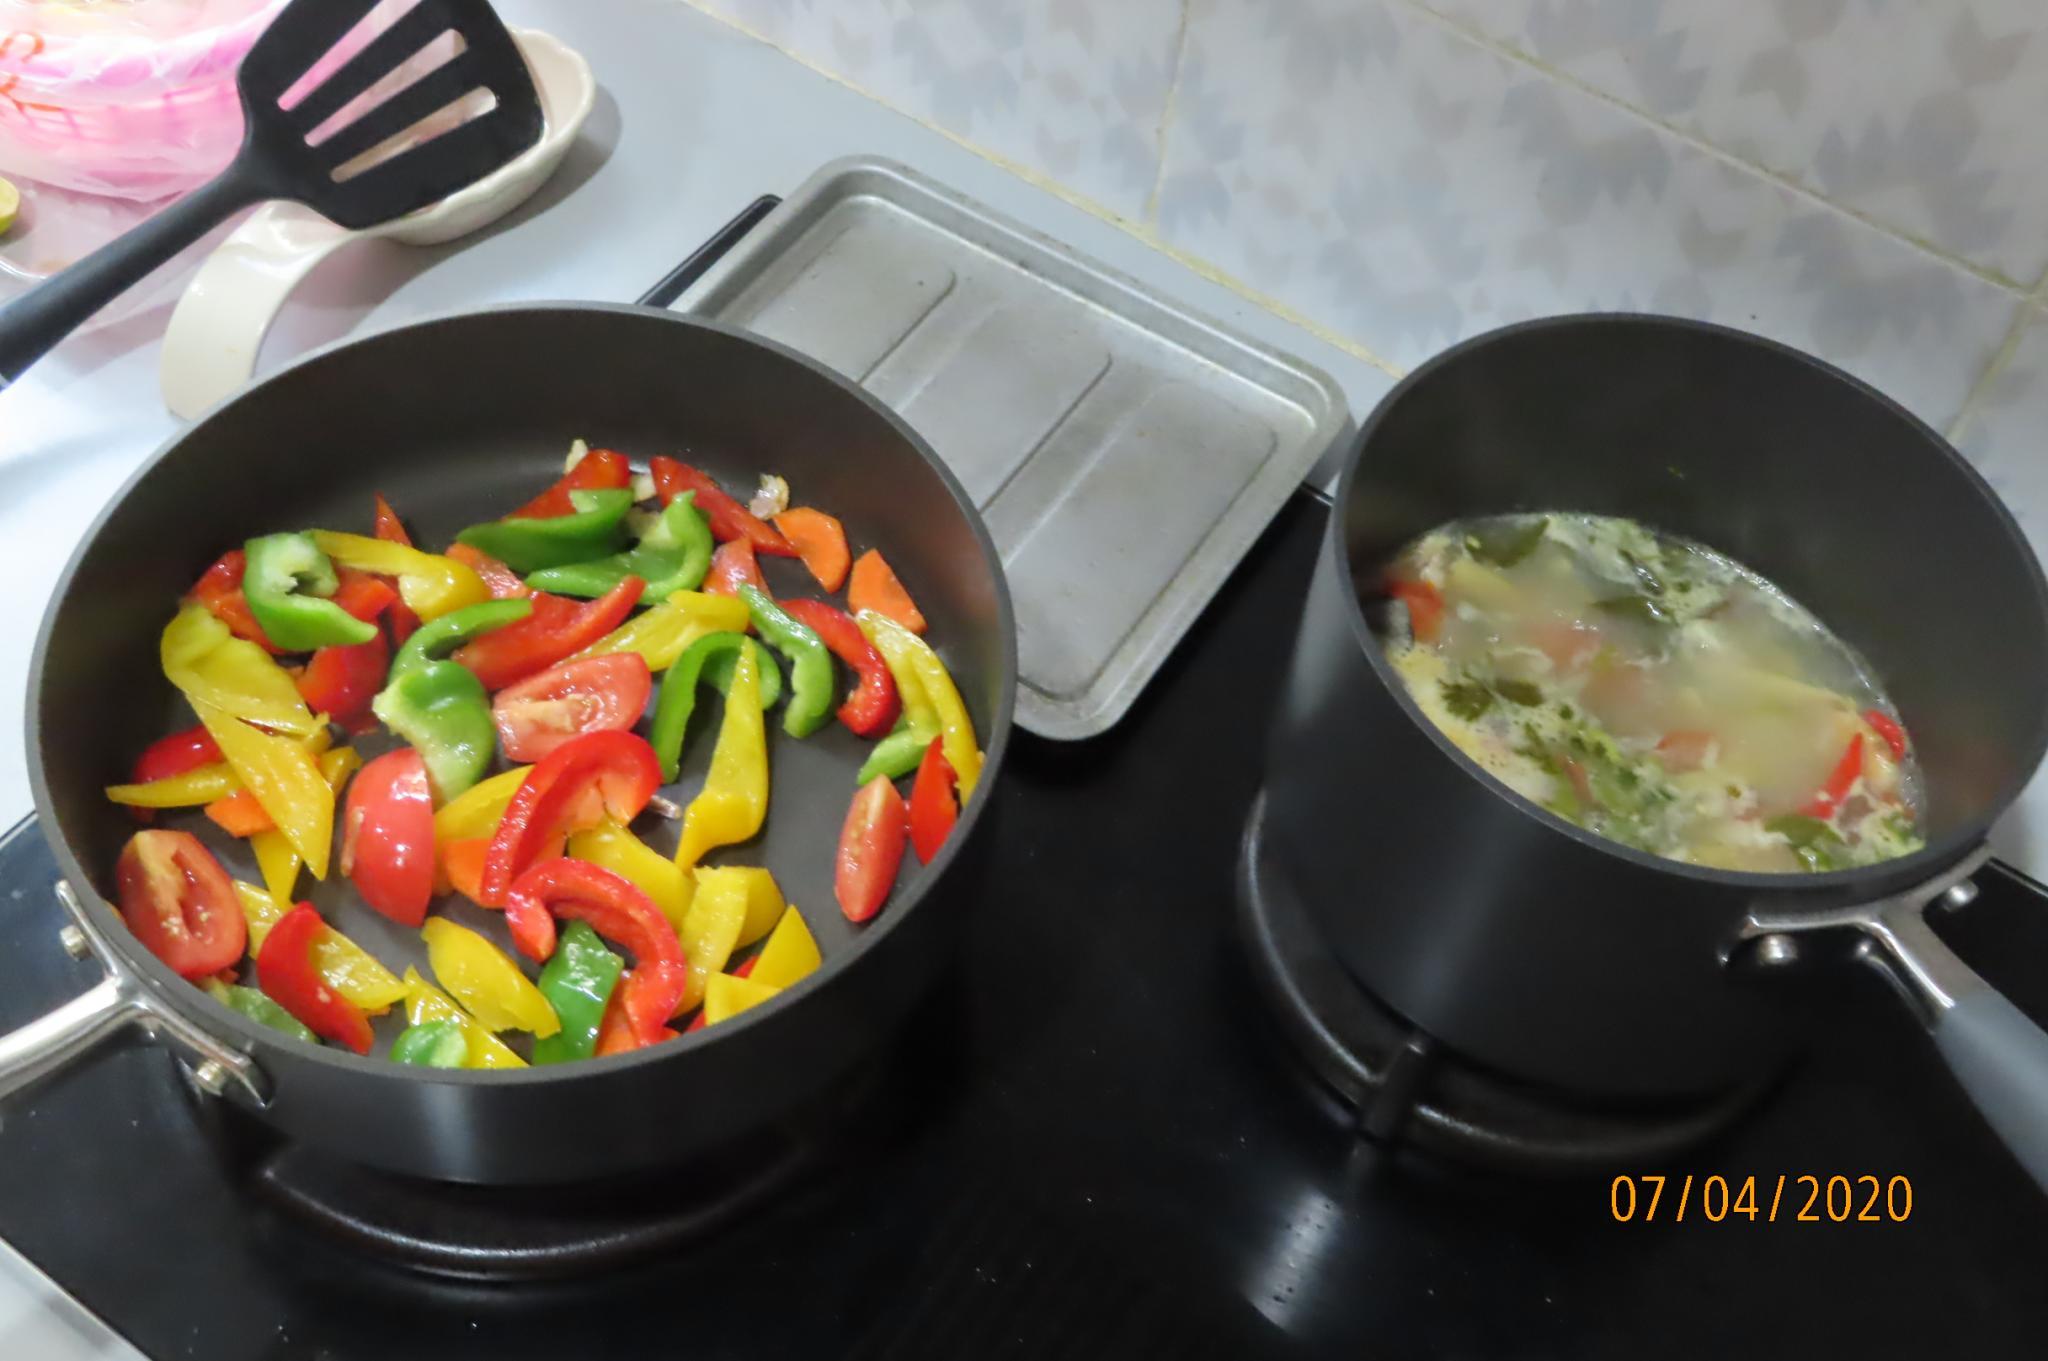 Dinner-img_5543-jpg